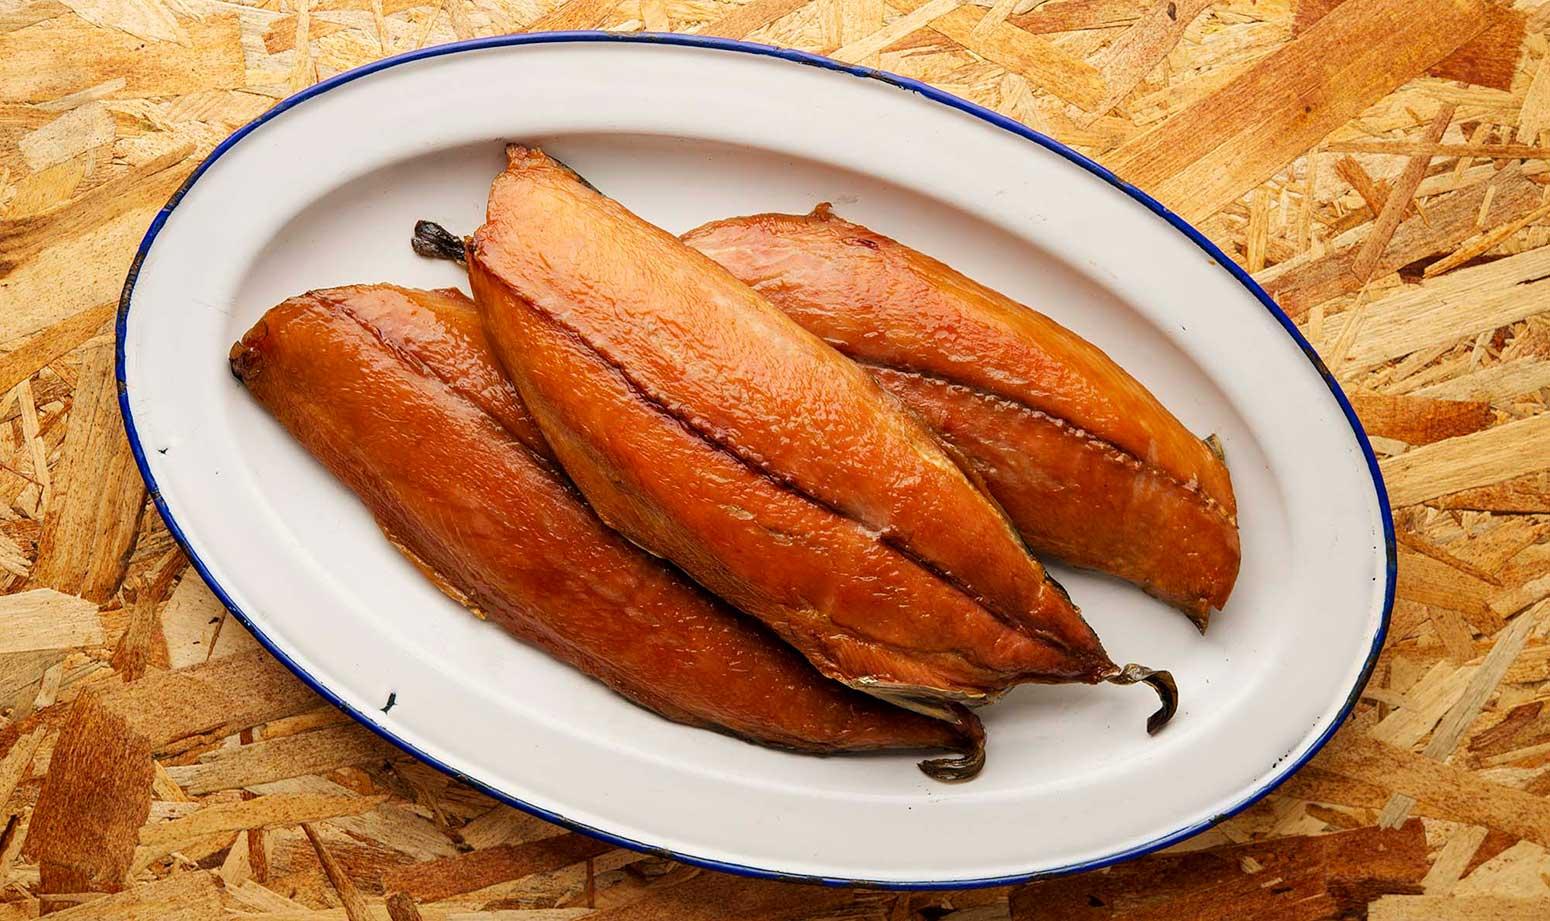 Three fillets of smoked bonito fish on a platter.